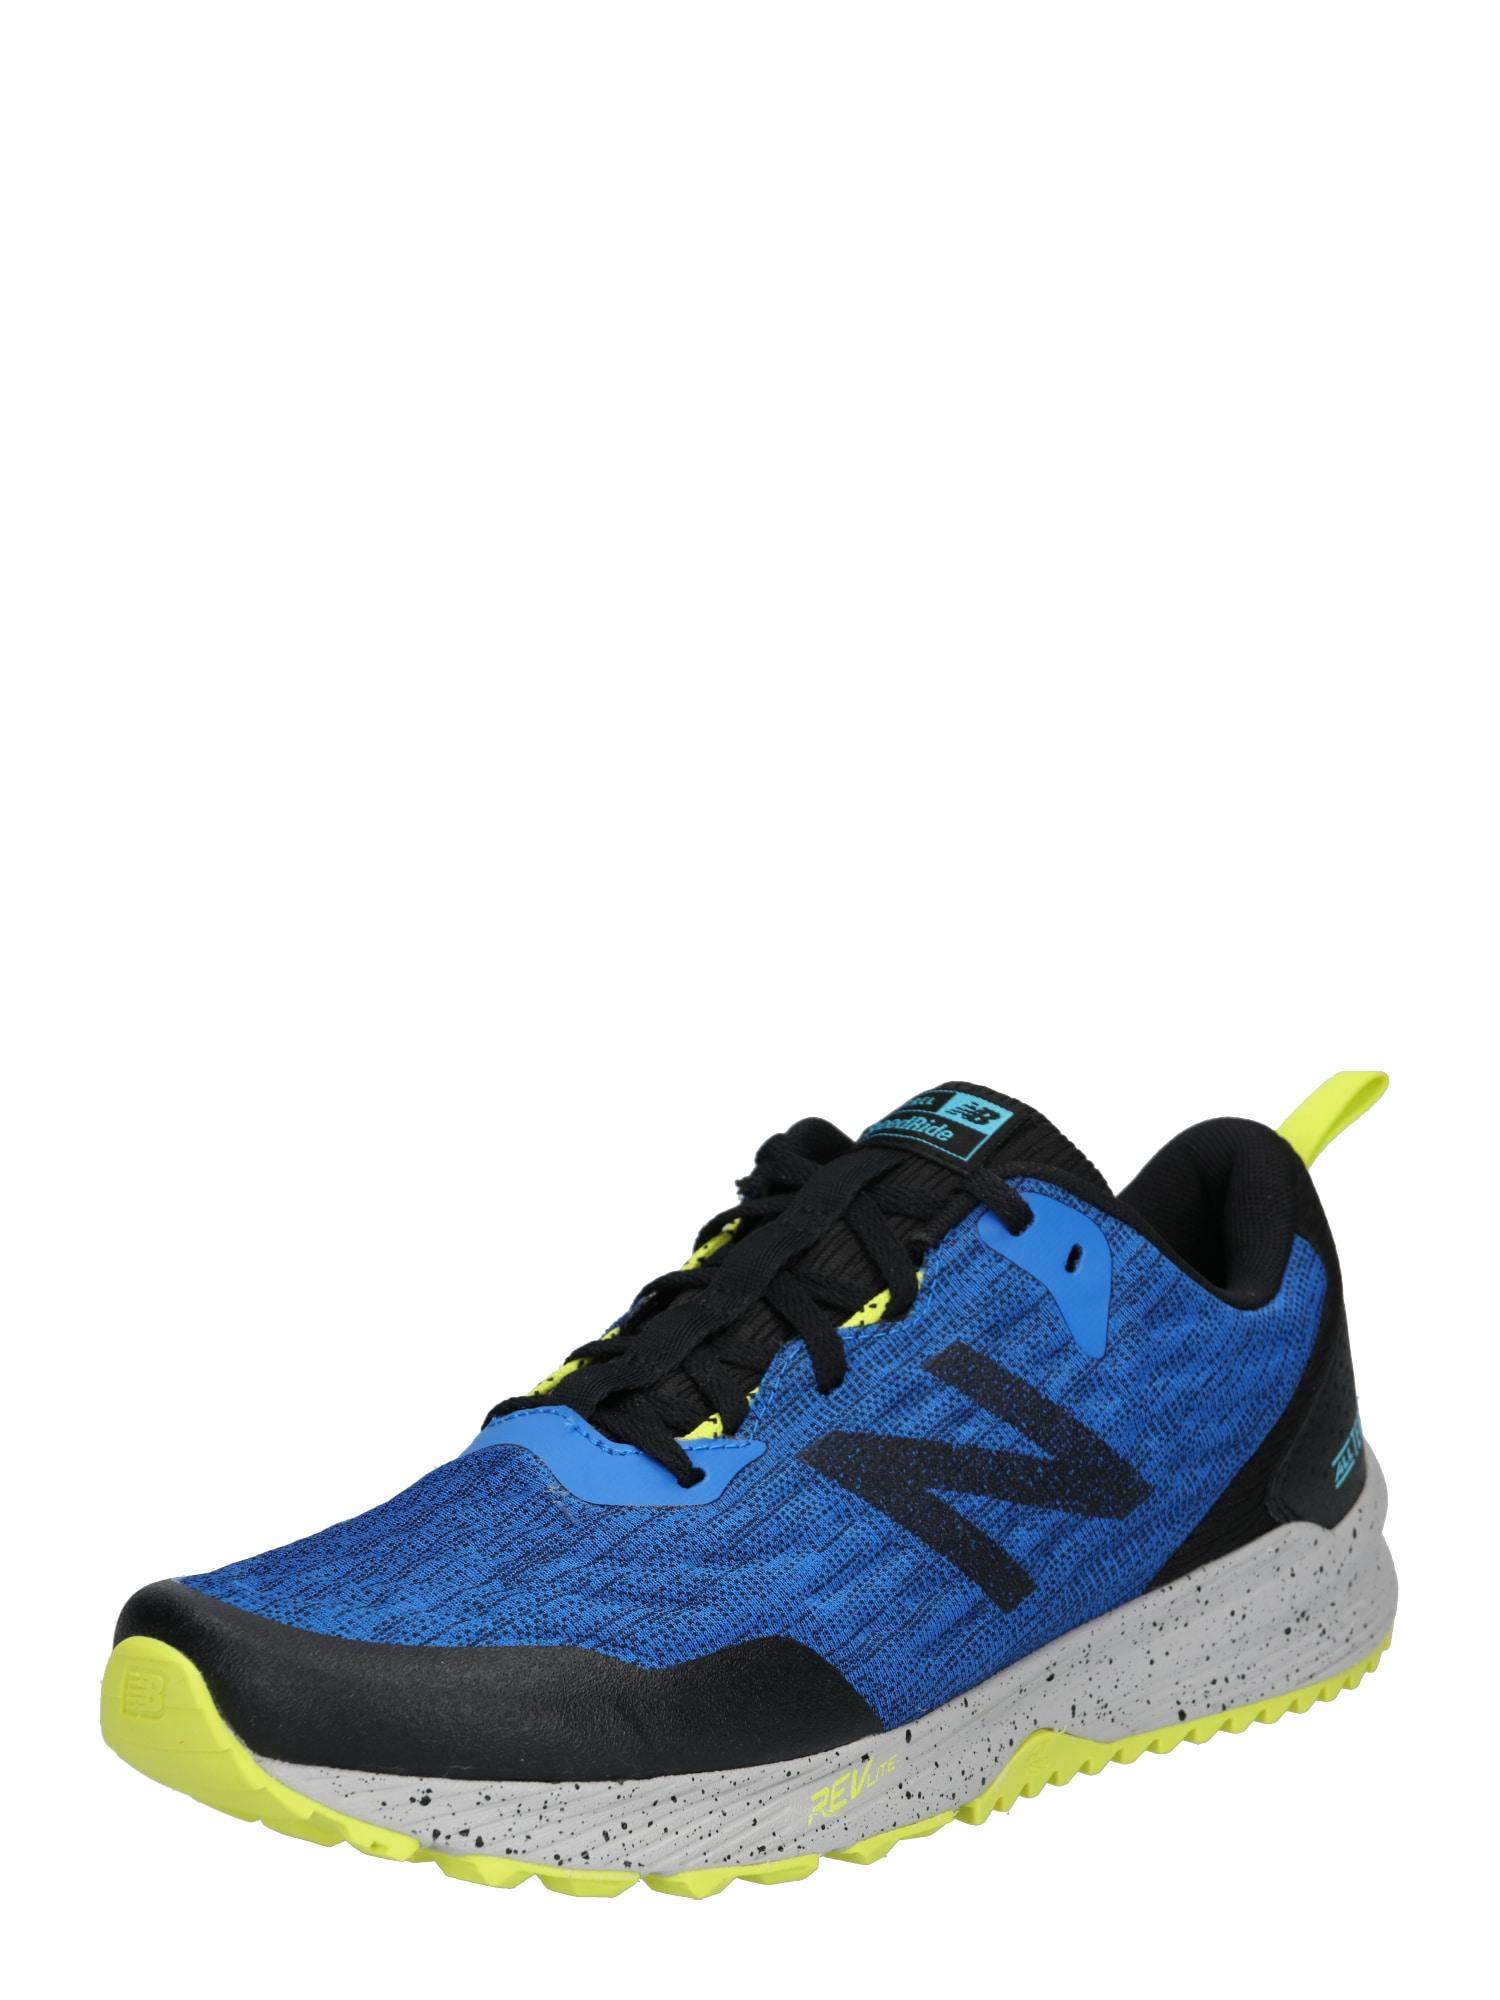 Sportovní boty Nitrel v3 tmavě modrá žlutá New Balance